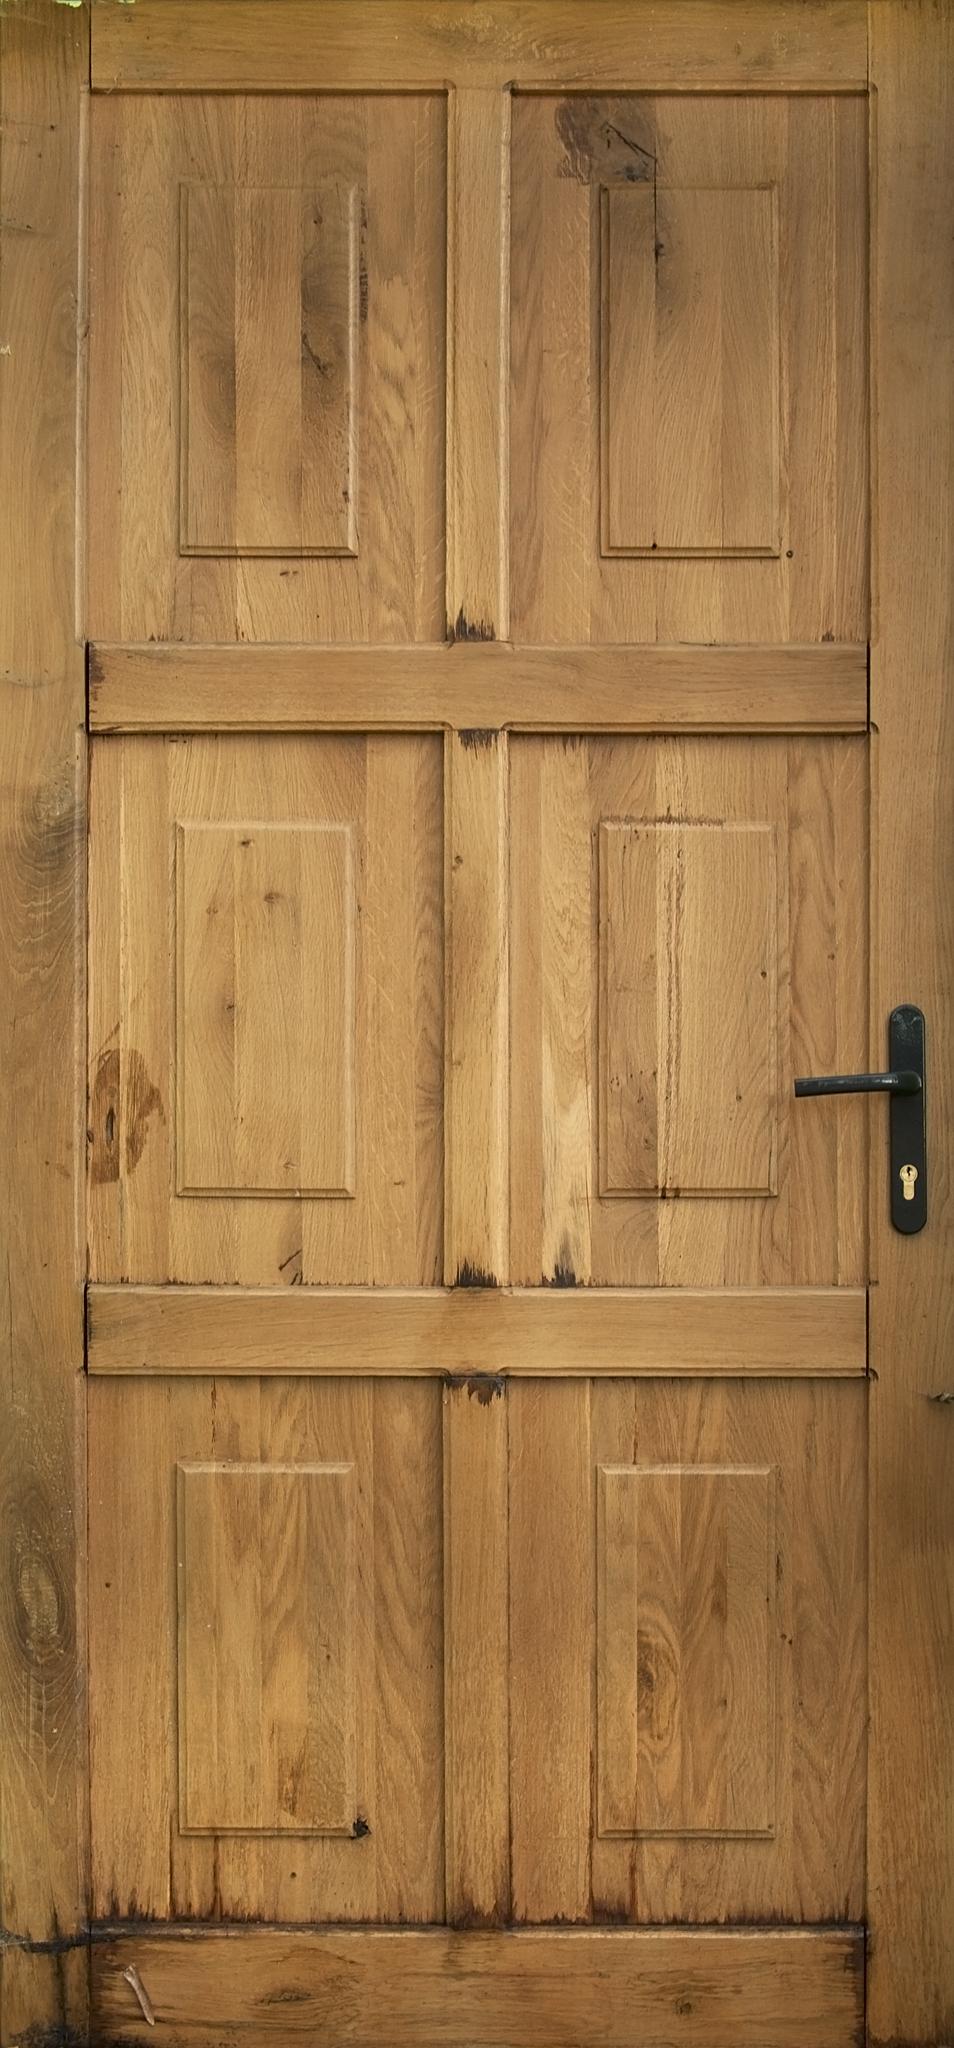 Blond Weathered Door.jpg